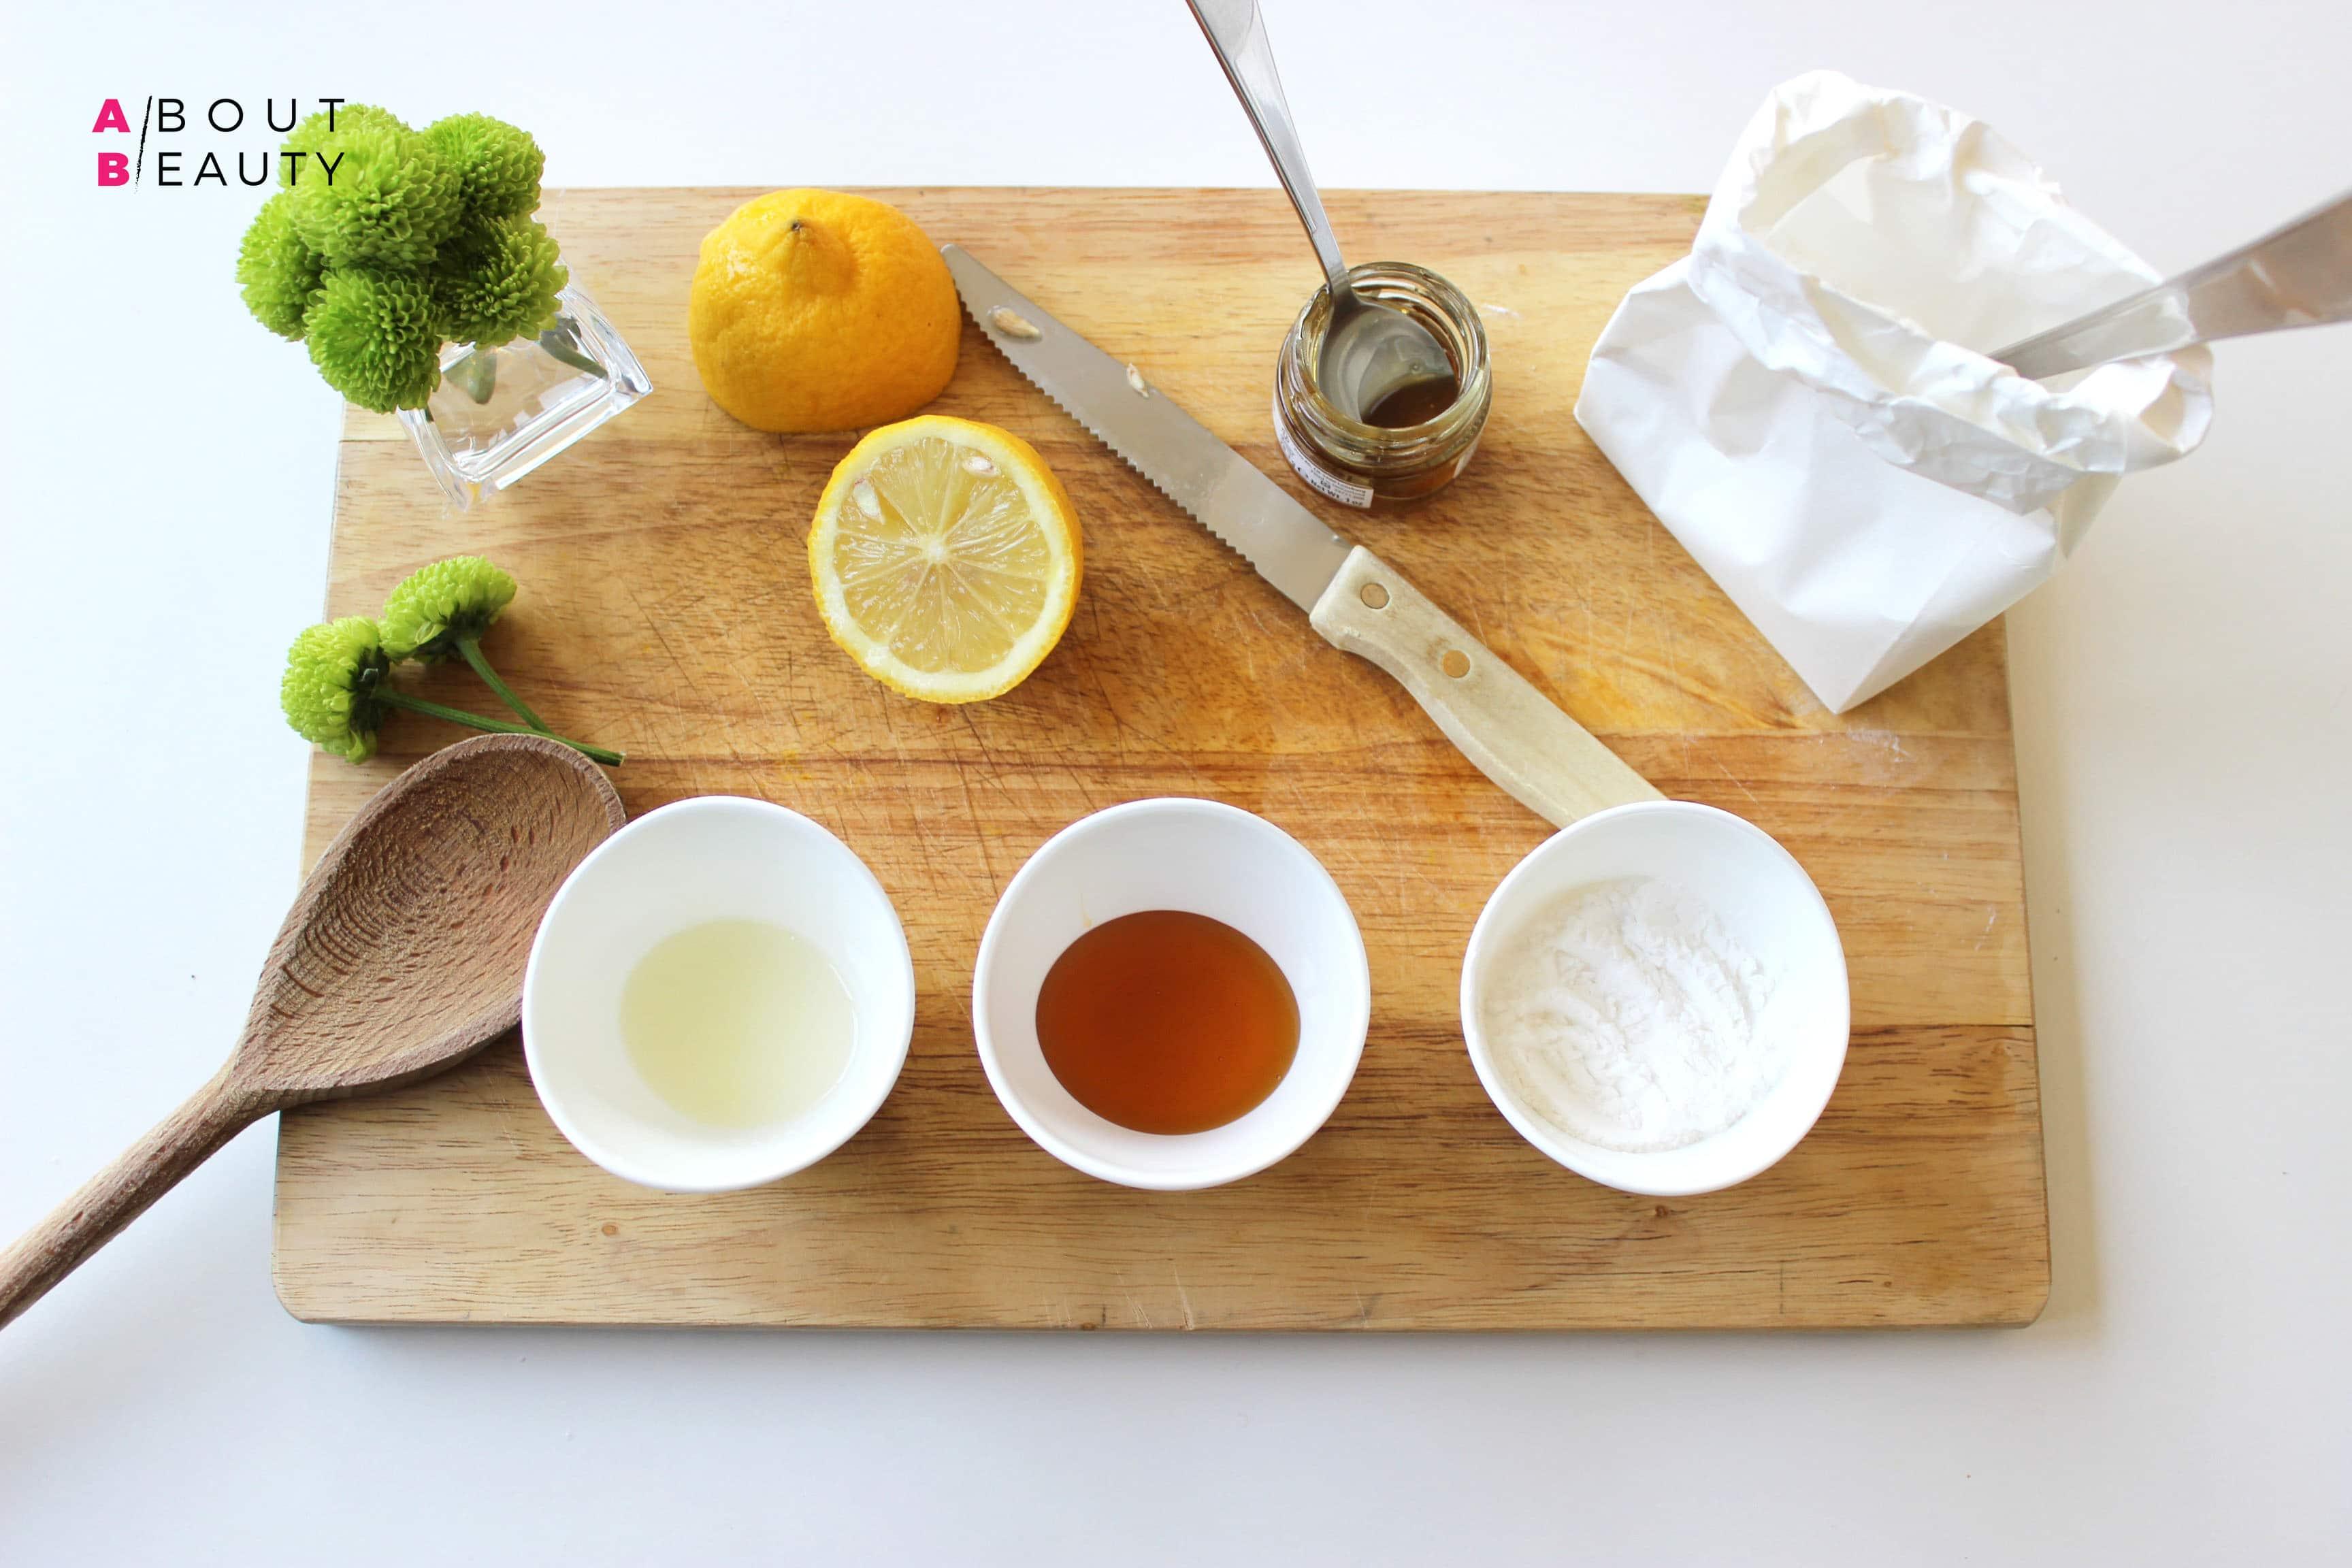 Le ricette di bellezza di About Beauty - Maschera Levigante al miele